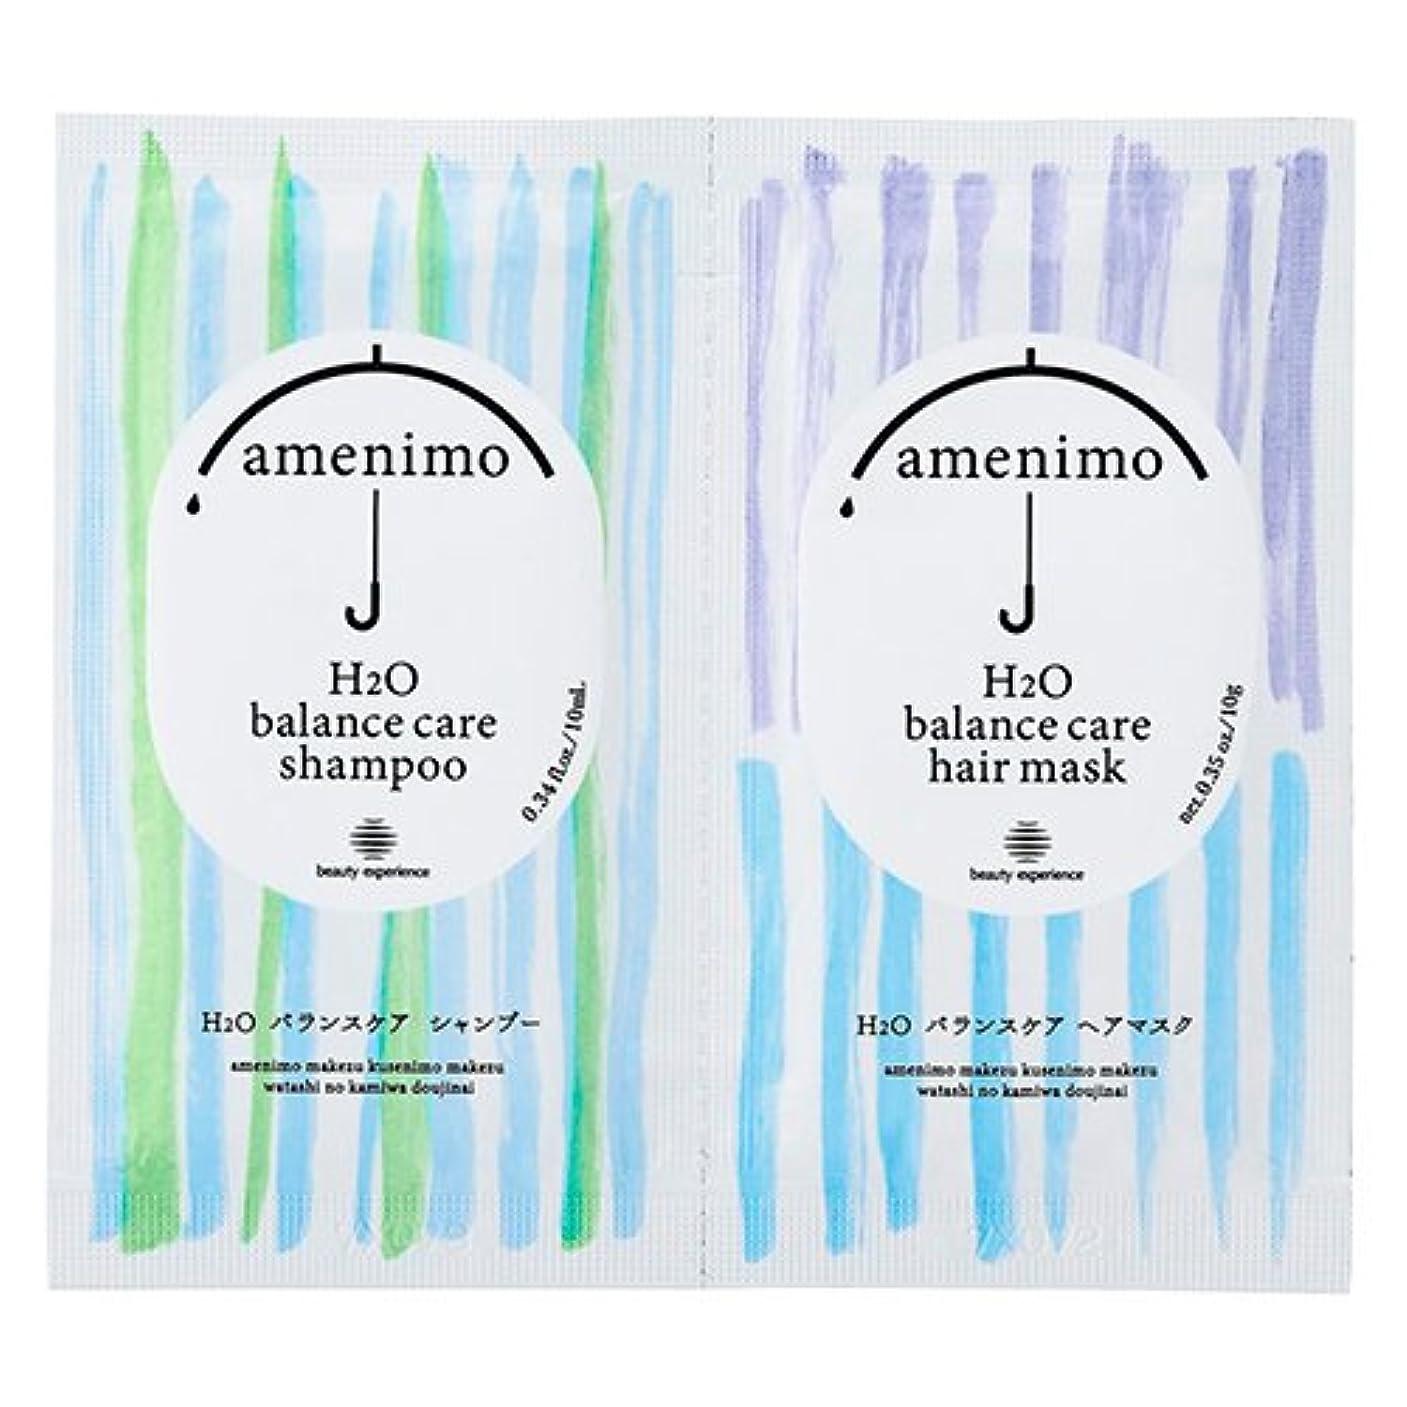 暴露彼女弾薬amenimo(アメニモ) H2O バランスケア シャンプー&ヘアマスク 1dayお試し 10mL+10g